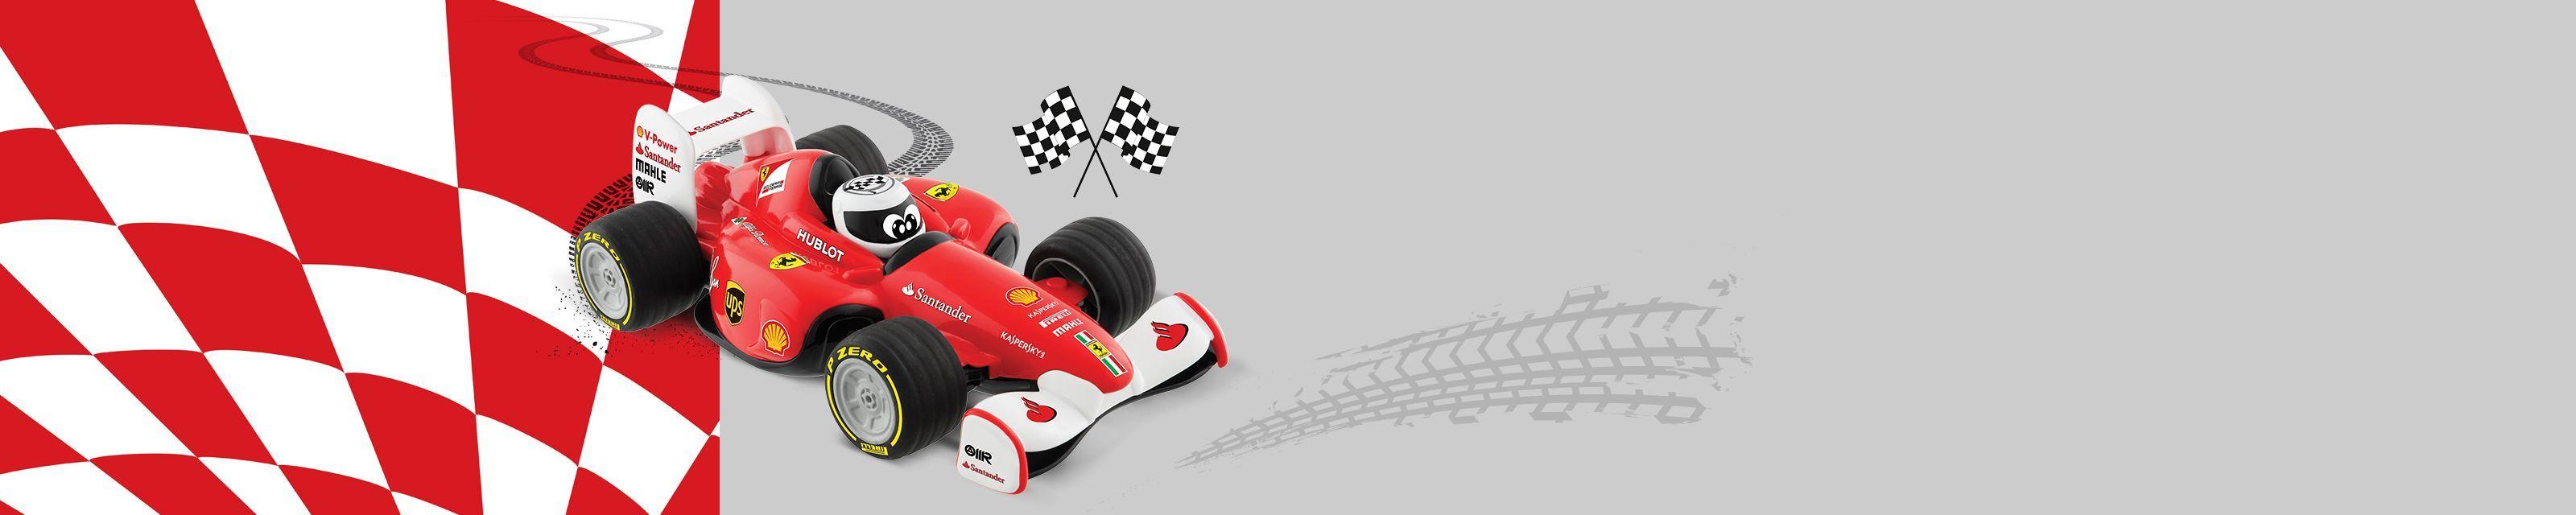 c80d6e773 Ferrari Racer